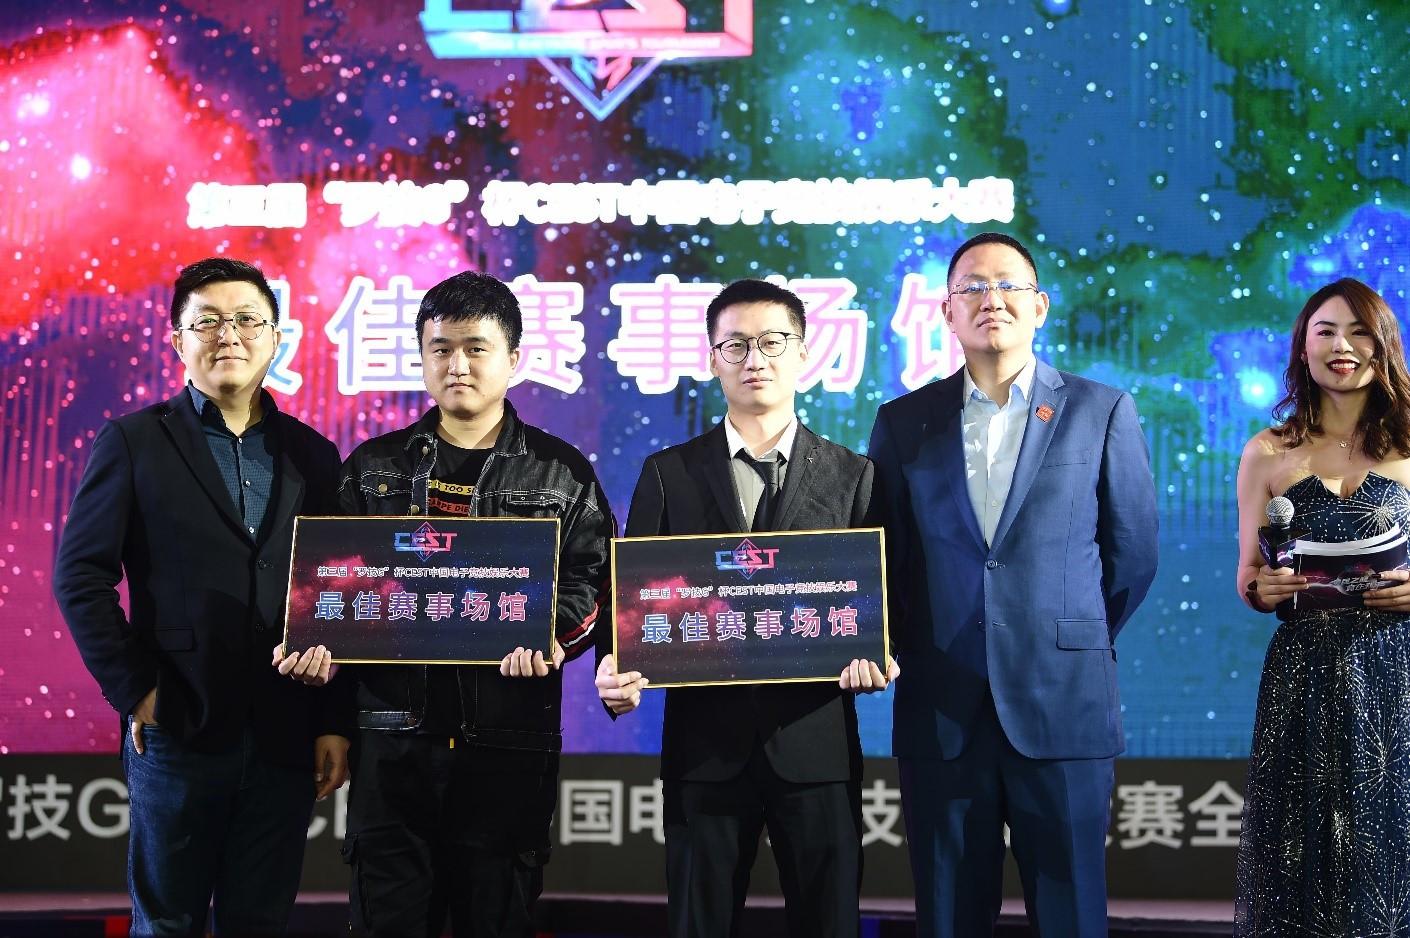 """""""羅技G""""杯CEST中國電子競技娛樂大賽決賽開賽"""